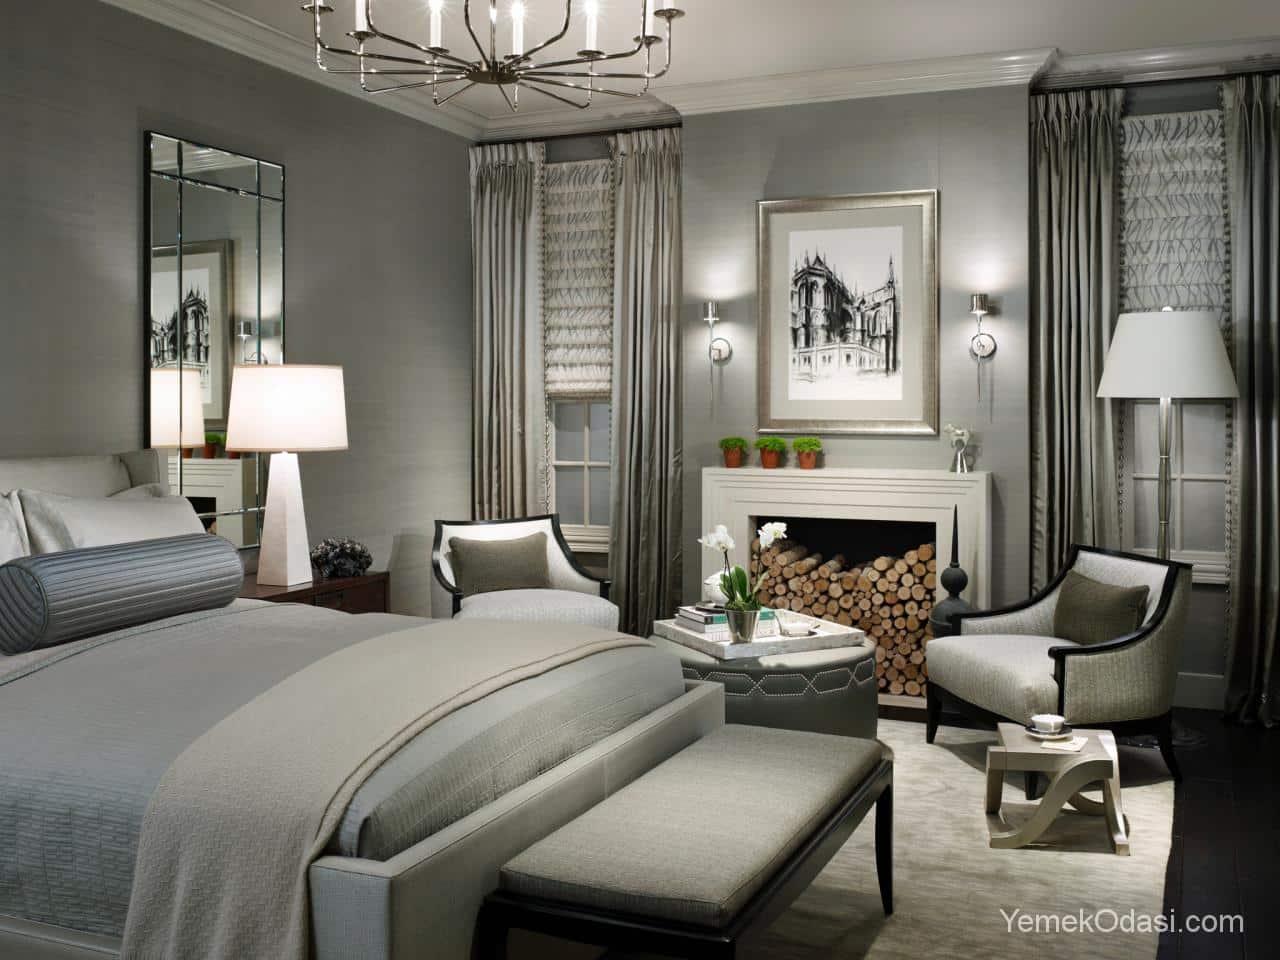 Modern stil yatak odas dekorasyon 214 rnekleri dekorasyon tarz - Good Gri Yatak Odas Dekorasyonu With Yatak Odasi Dekorasyonu